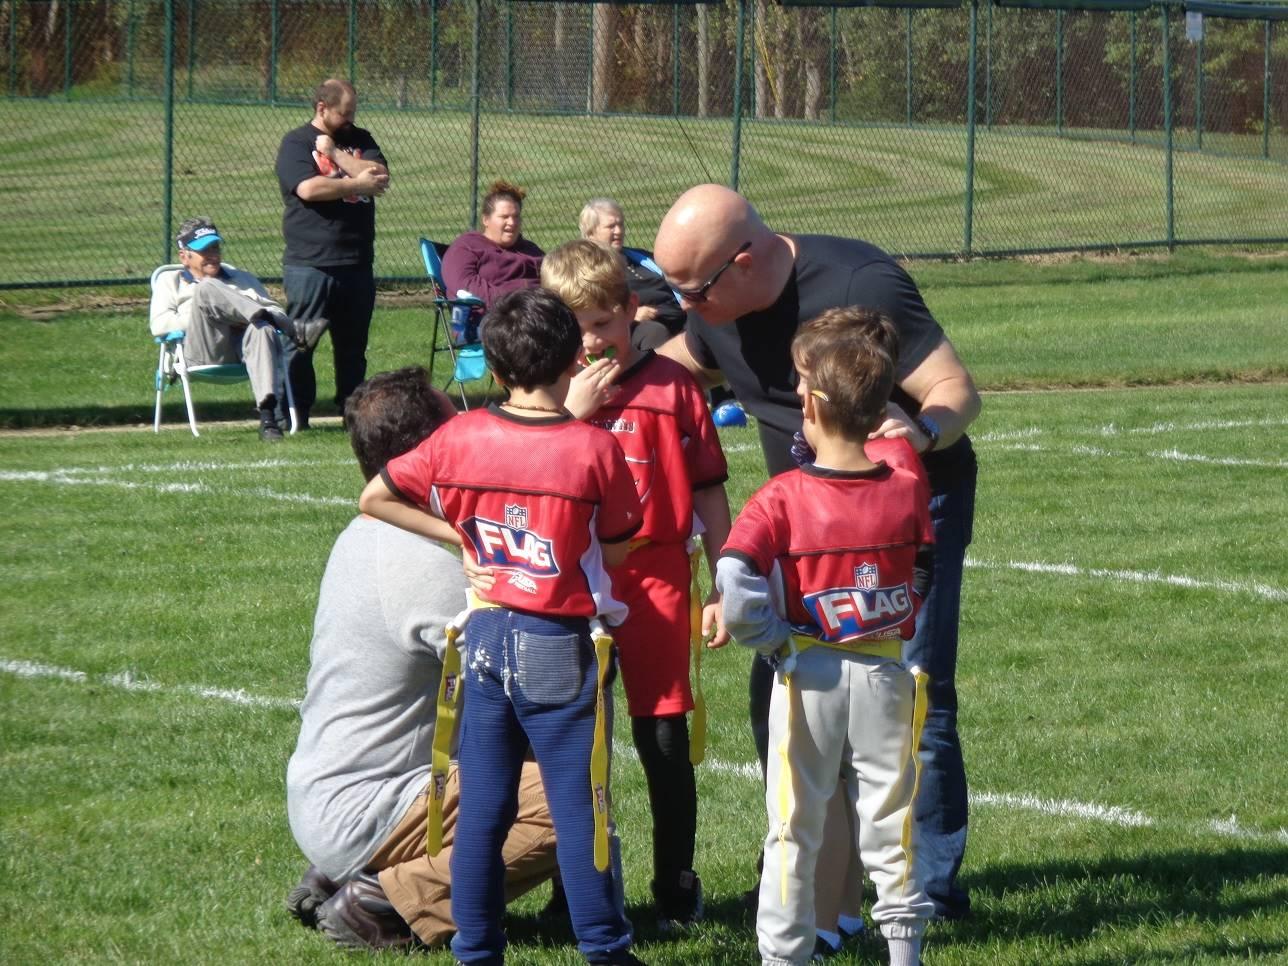 Volunteer coachings flag football players